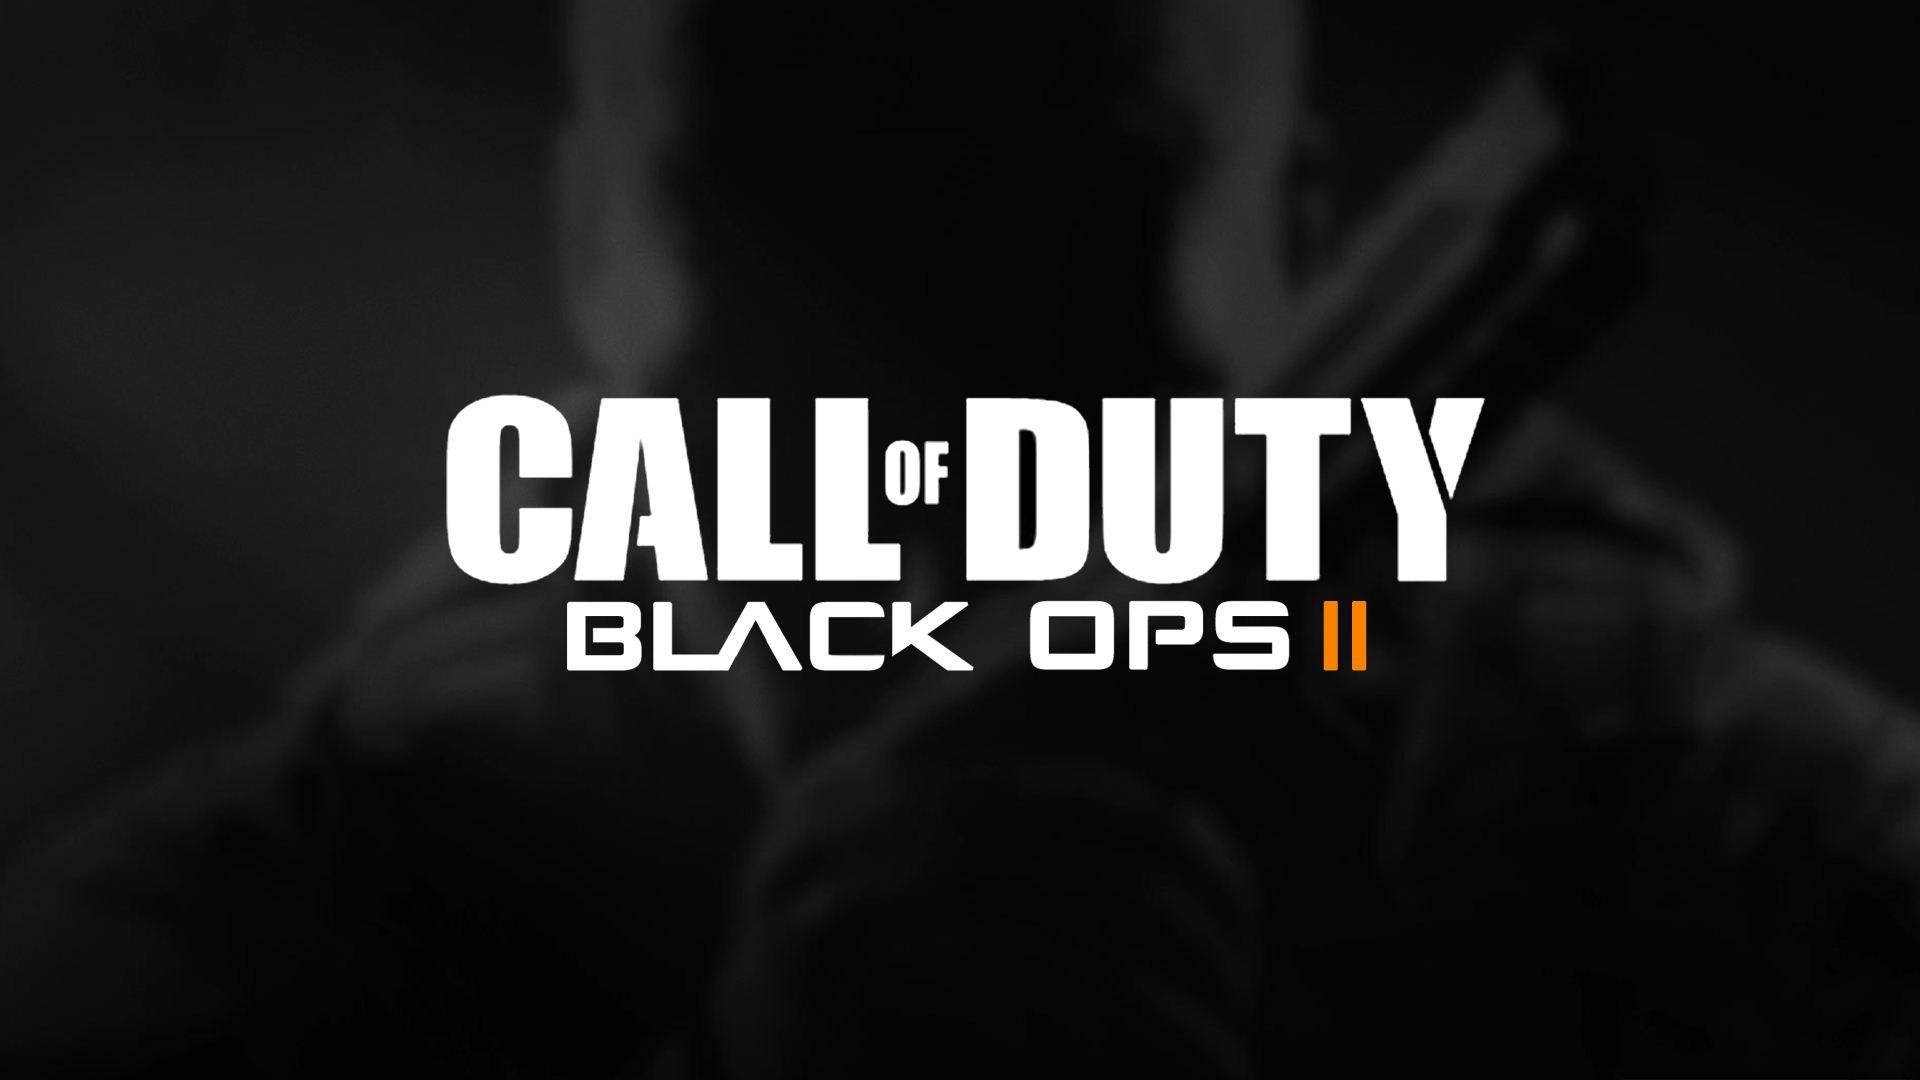 使命召唤9:黑色行动2/使命召唤黑色行动2/COD9 v23.0_43.1734_41.627